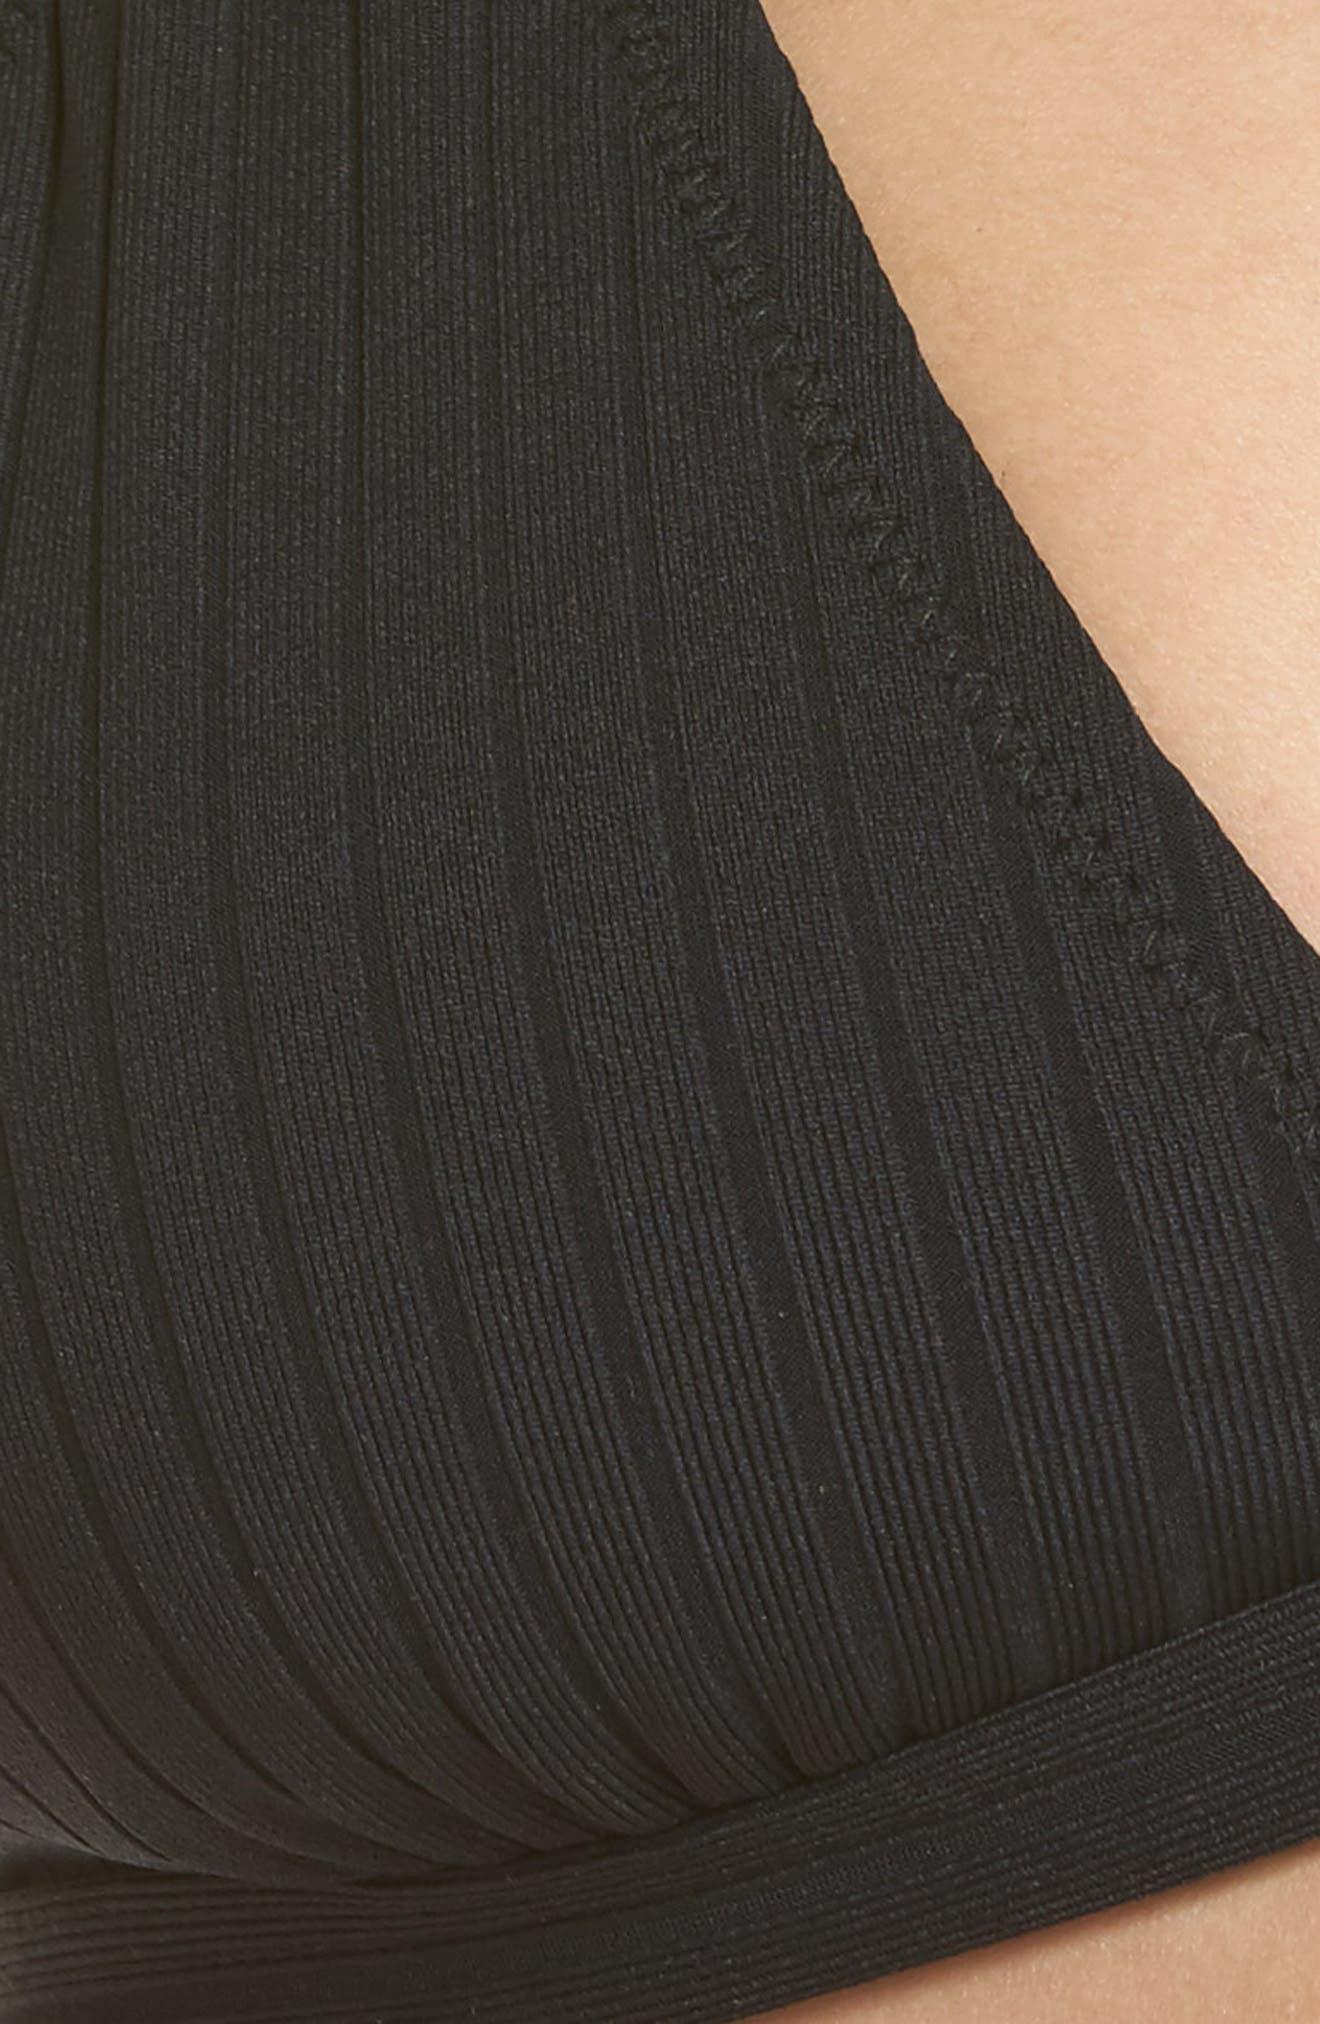 Hermosa Bikini Top,                             Alternate thumbnail 8, color,                             Black Rib